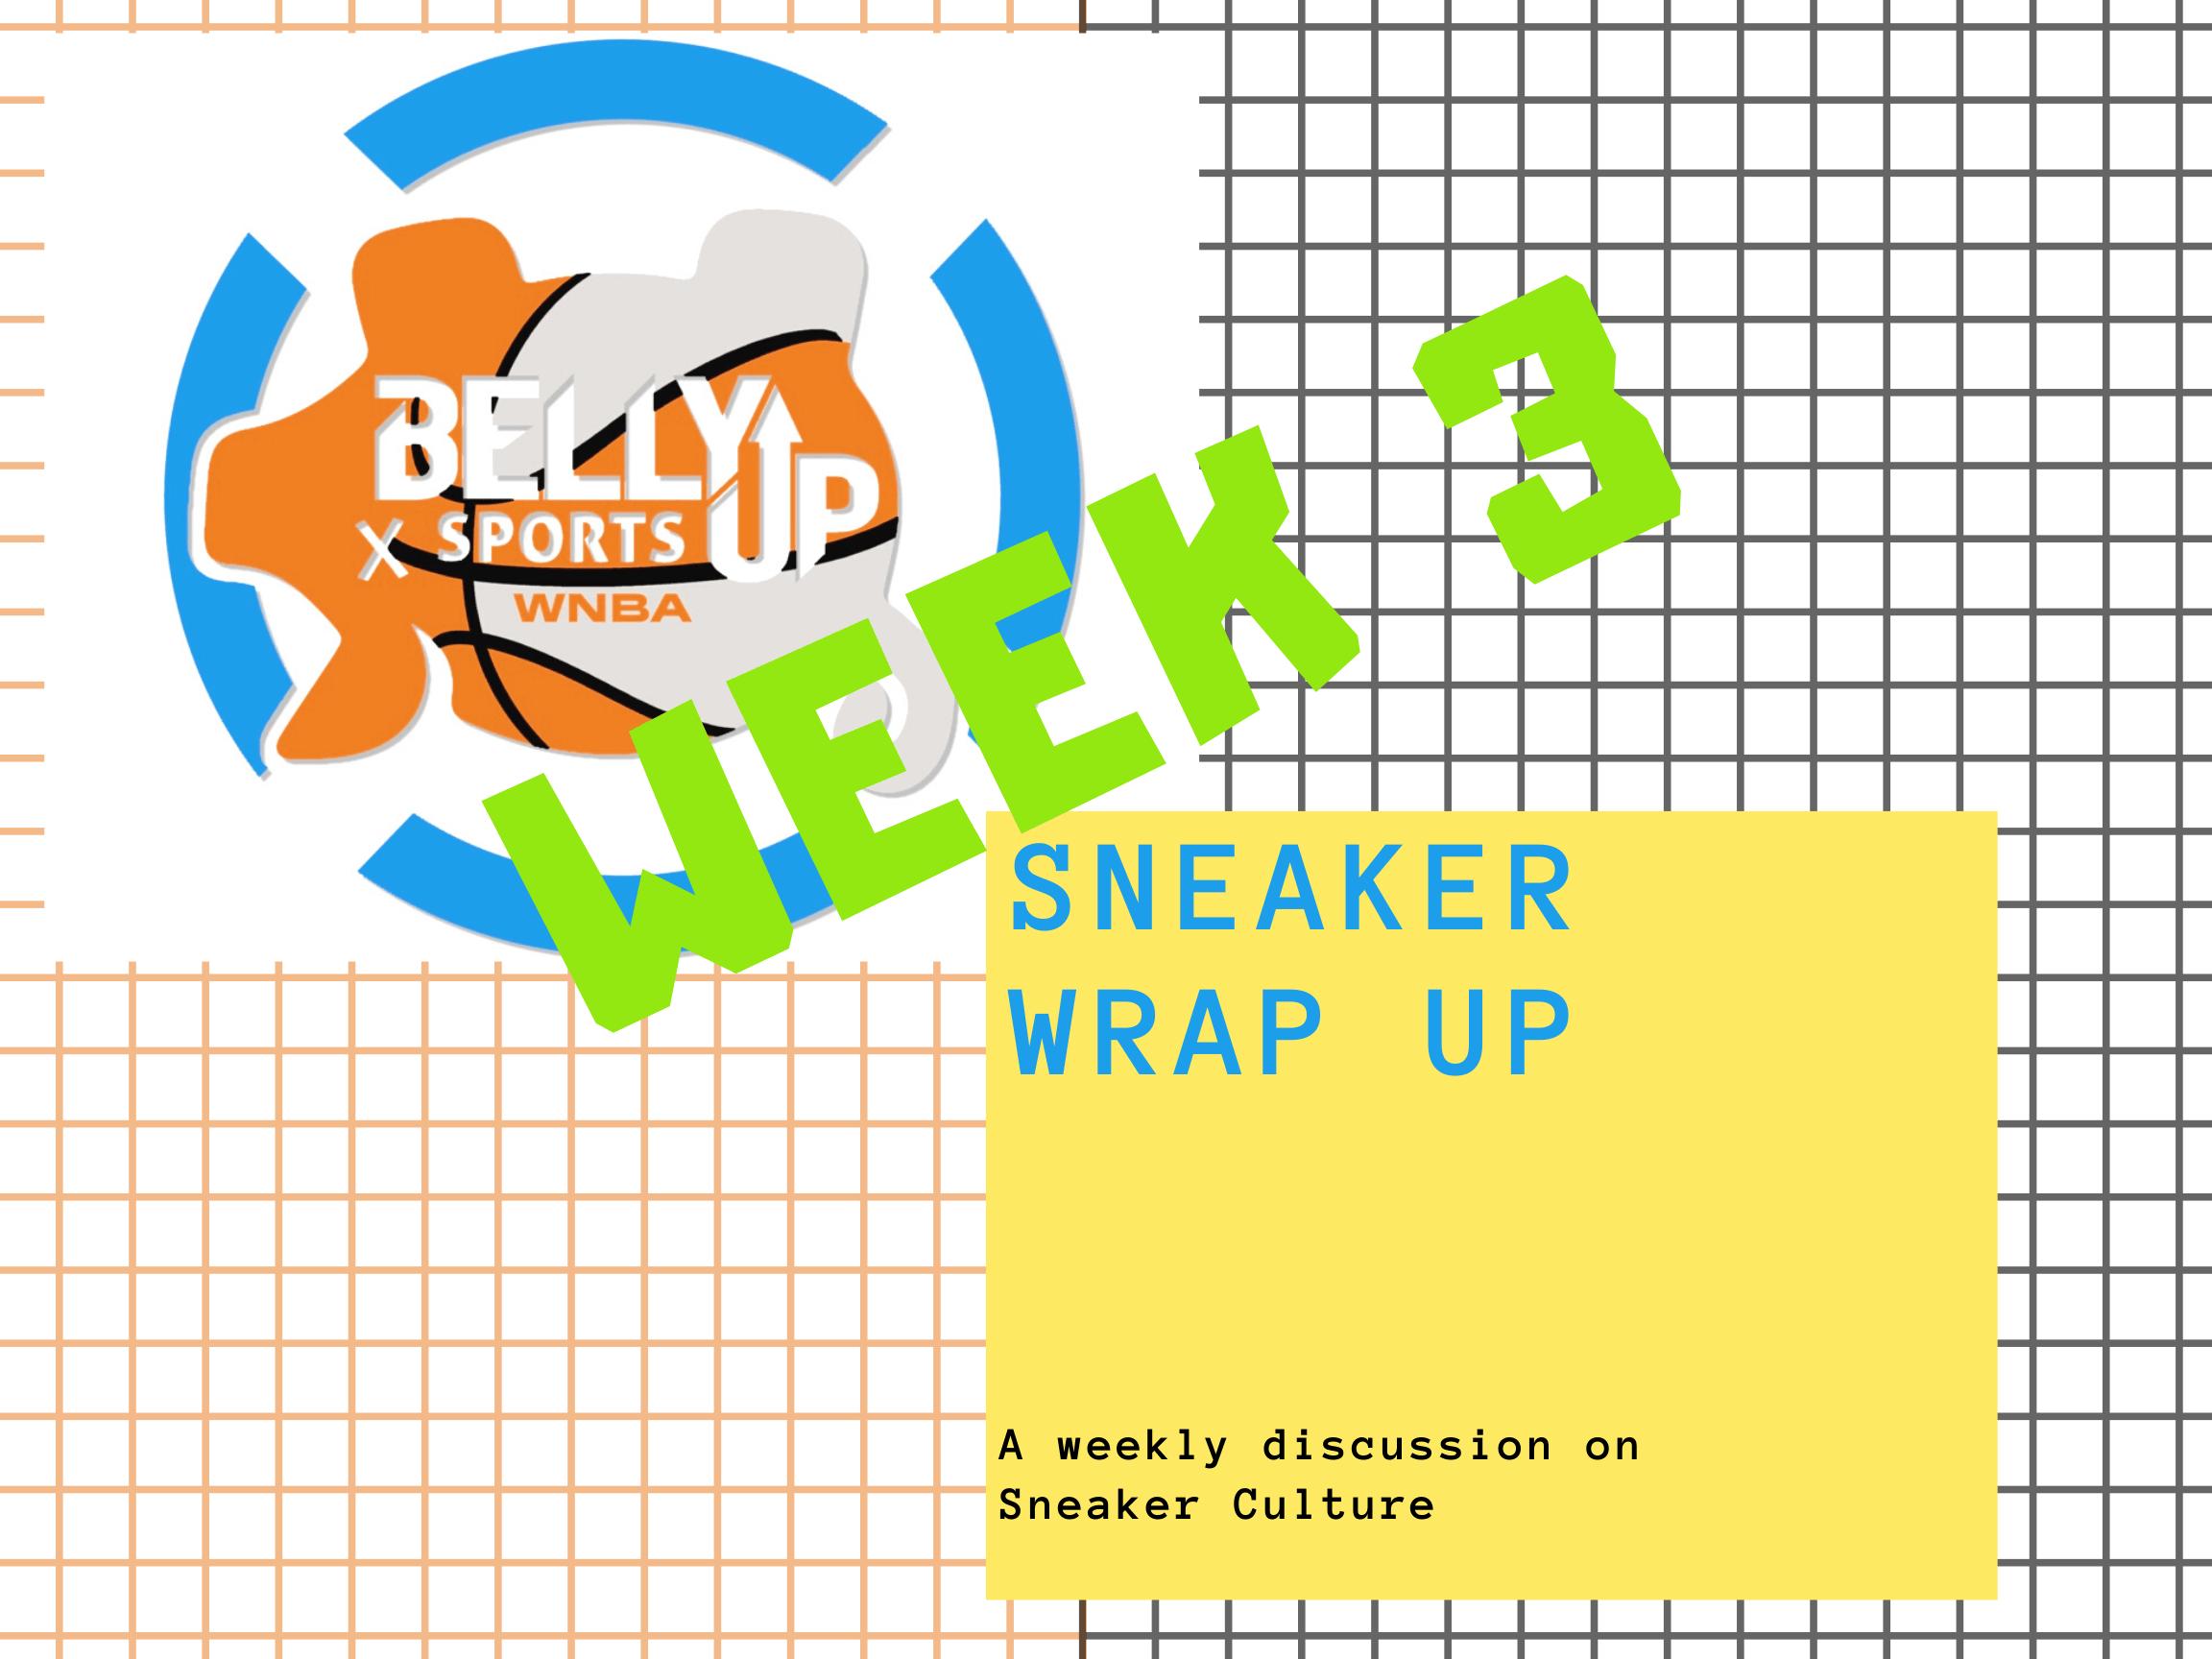 Sneaker Wrap Up!